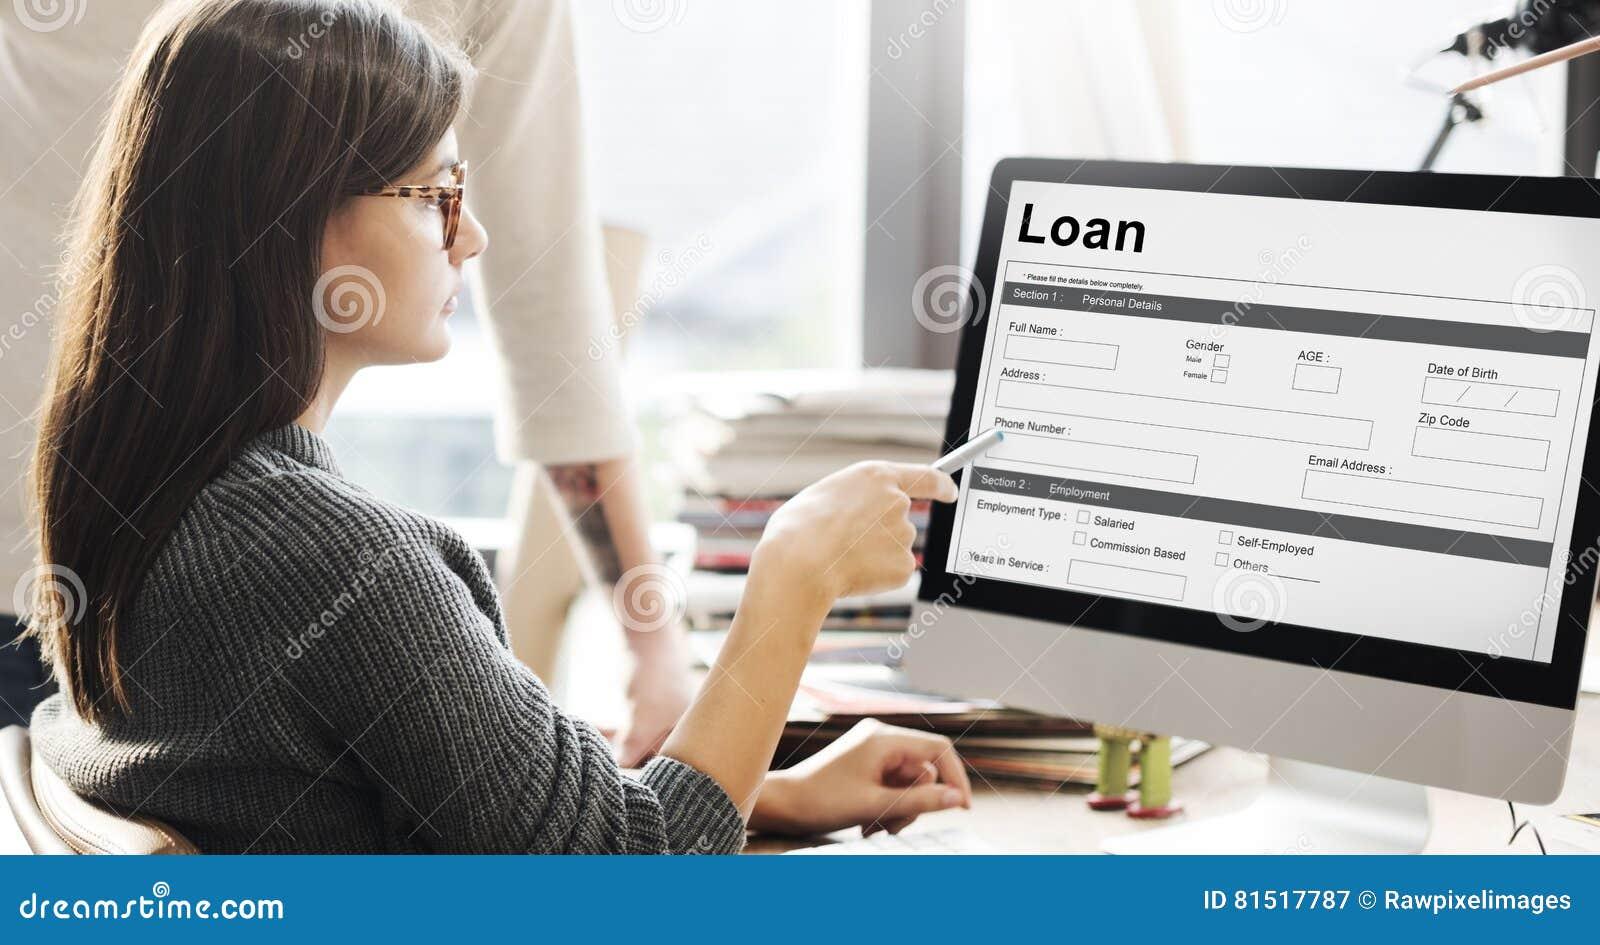 Kreditvorlage-Hypothekenbetrag-Konzept Stockbild - Bild von ...